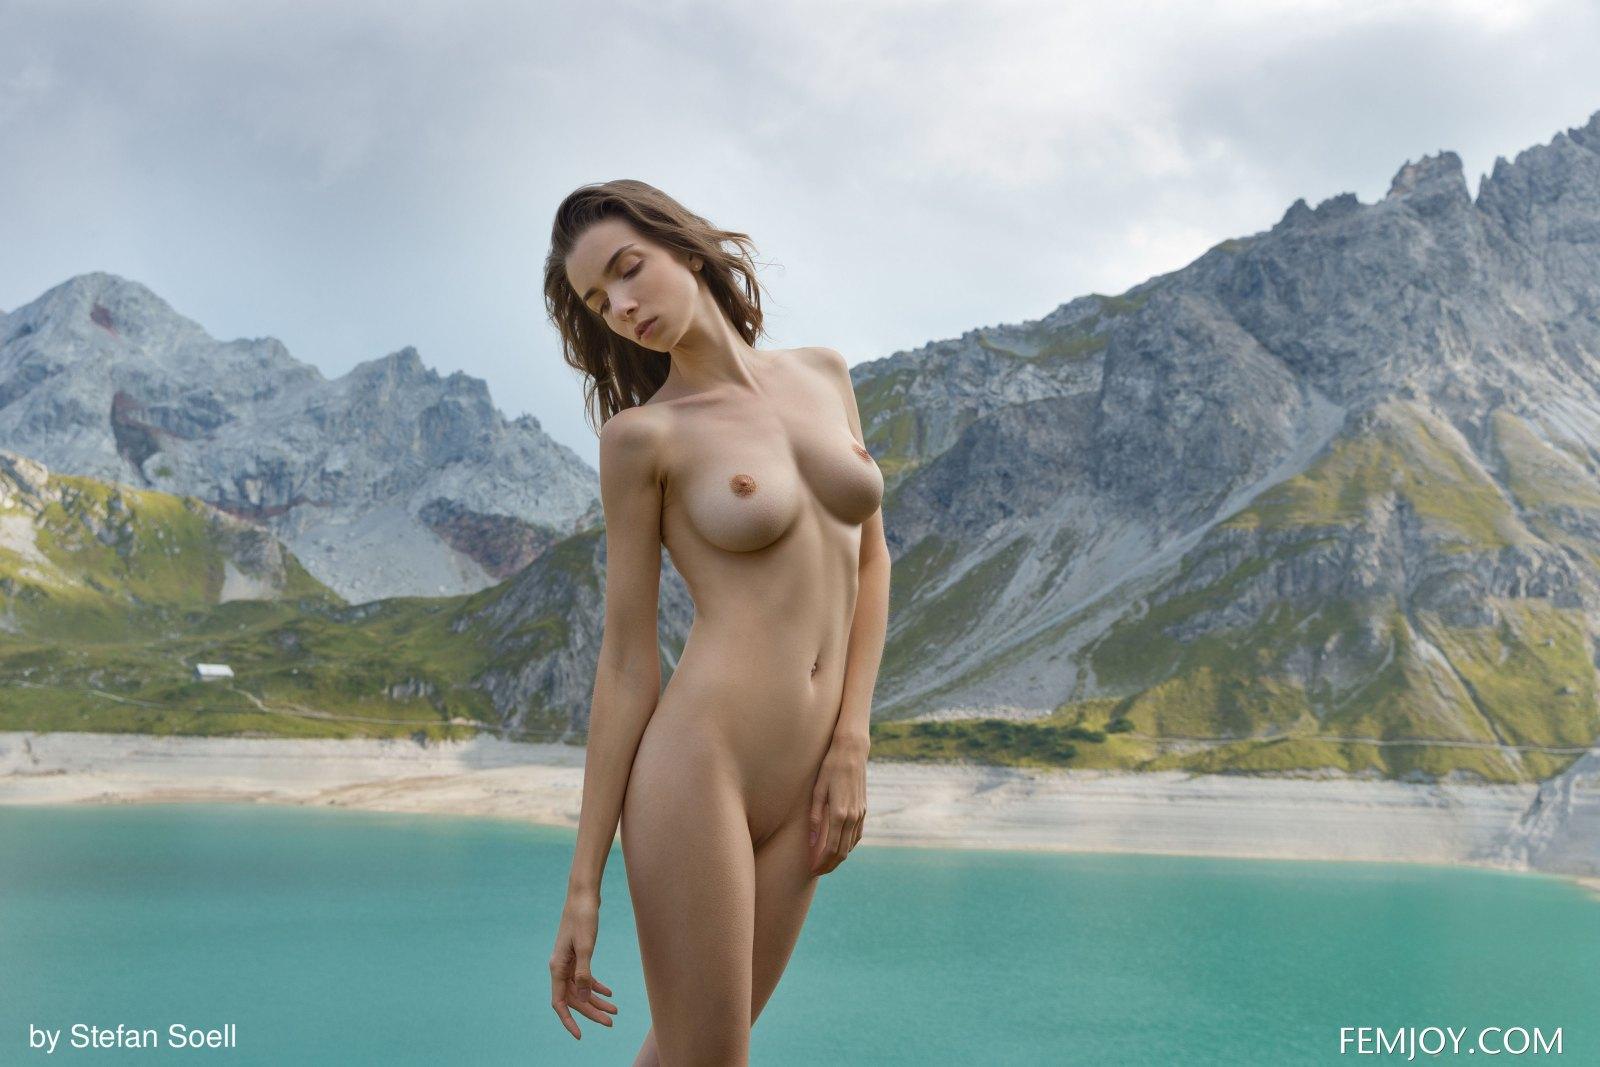 青山绿水中的尤物